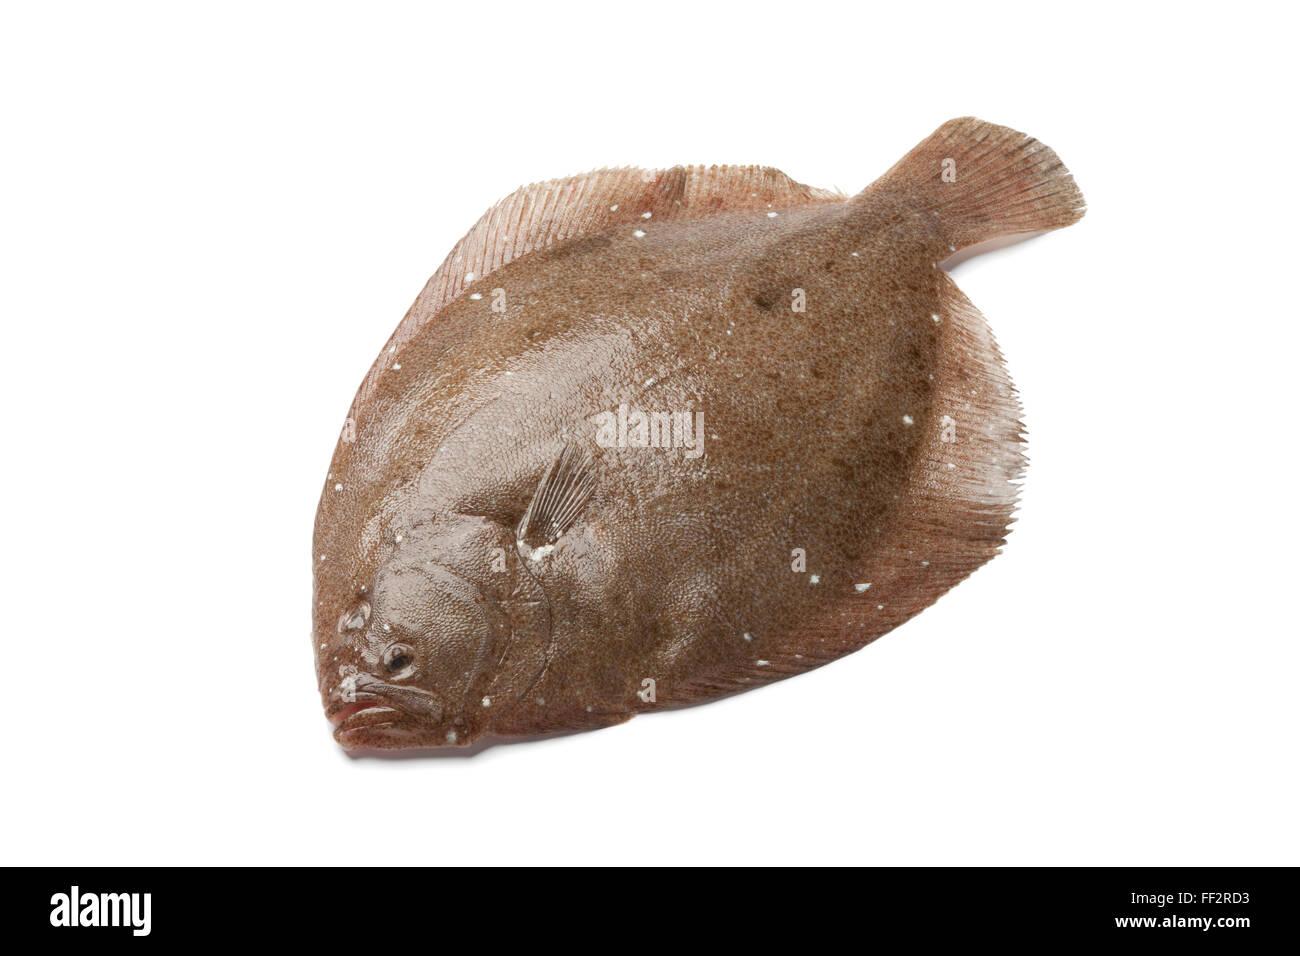 Seul le poisson entier frais Brill sur fond blanc Banque D'Images